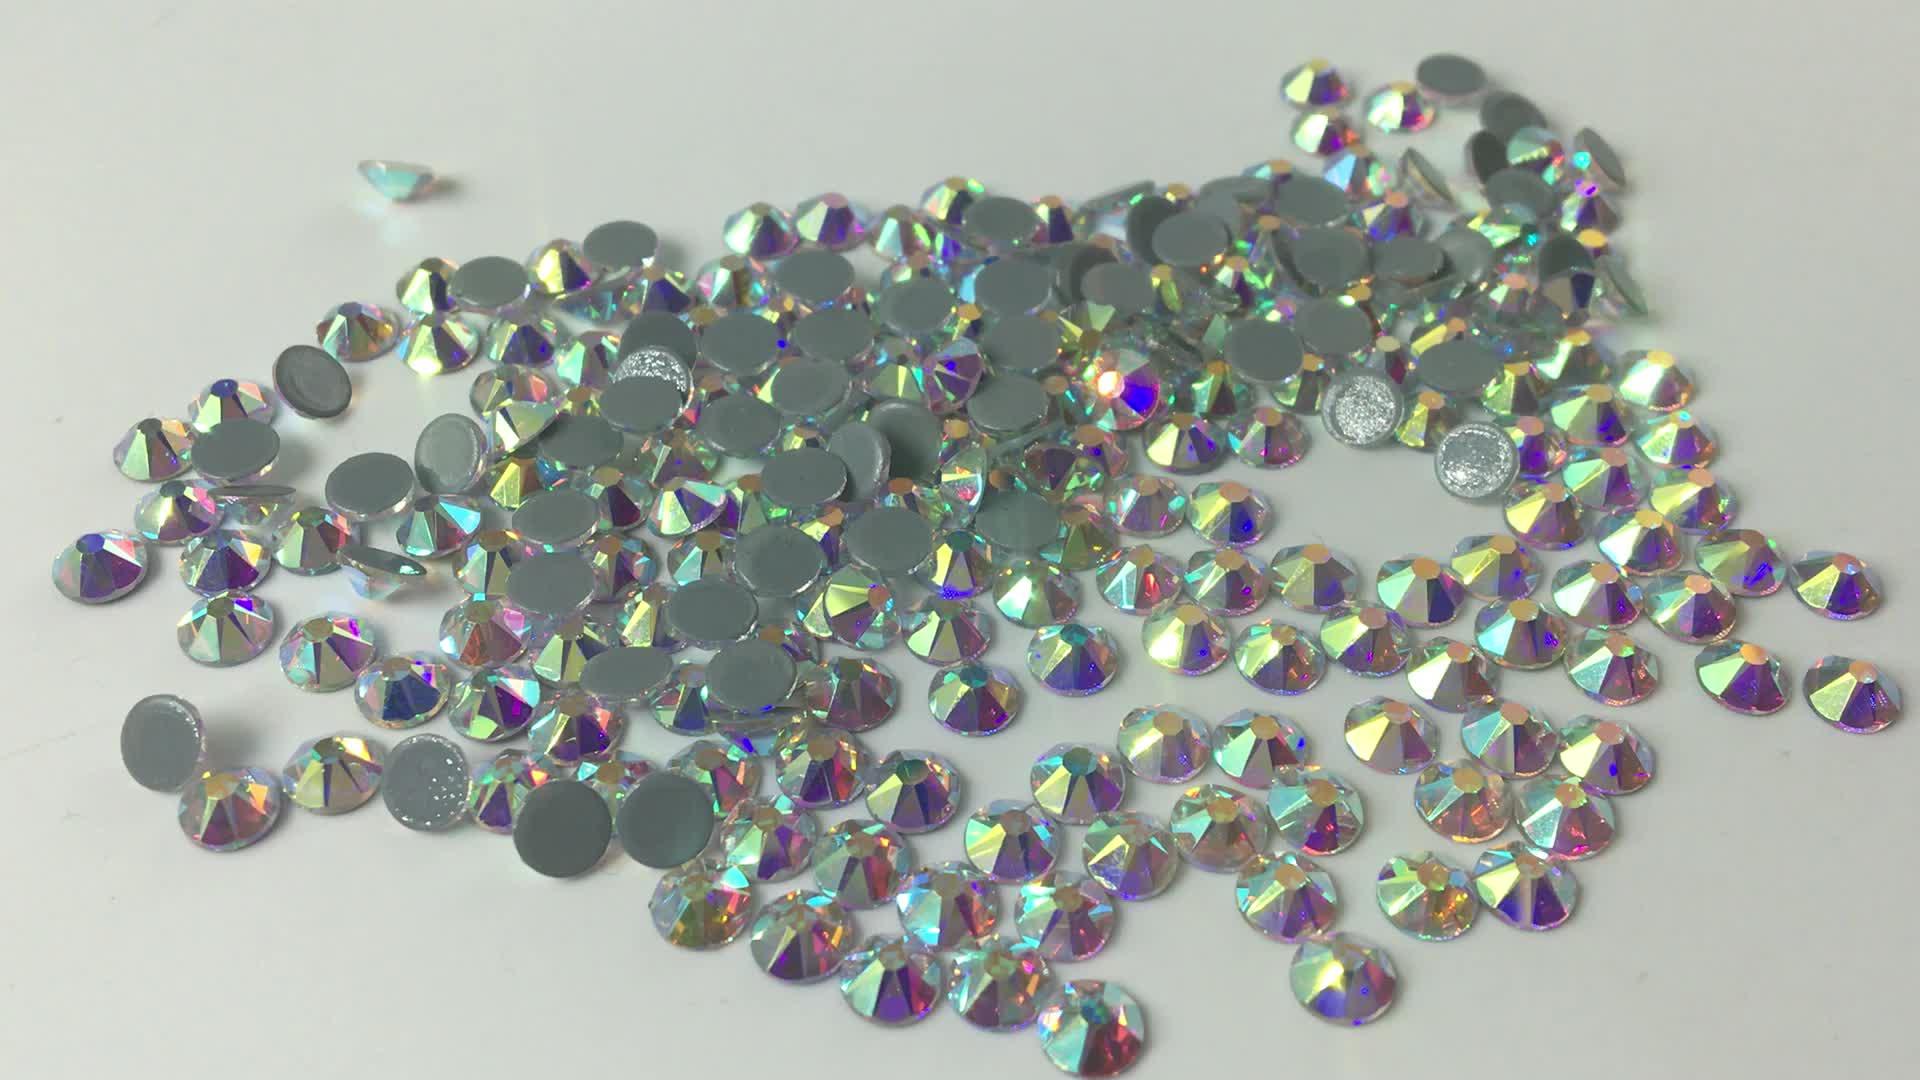 Fábrica de atacado 2088 alemão de cristal ab flatback strass cristal hotfix strass de vidro de cola adesiva para strass casamento